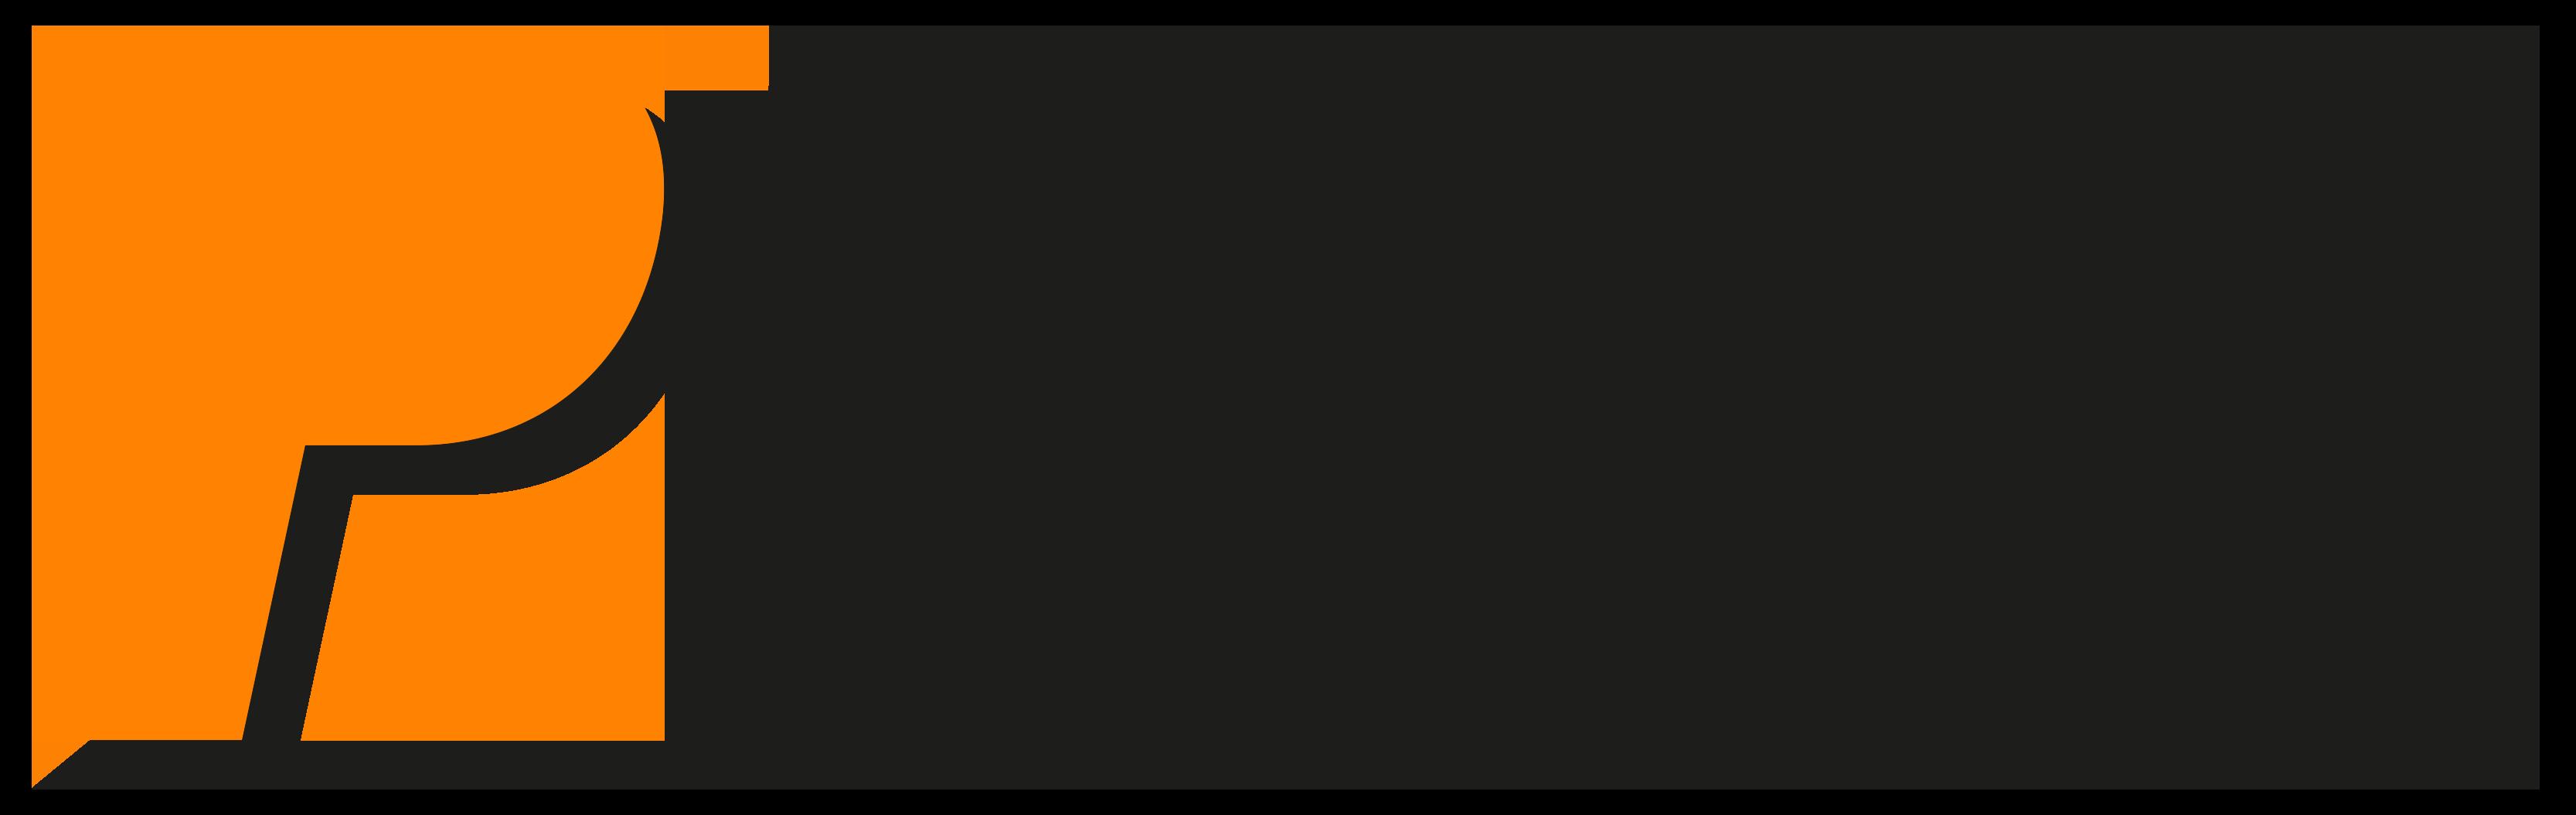 Paslode logo